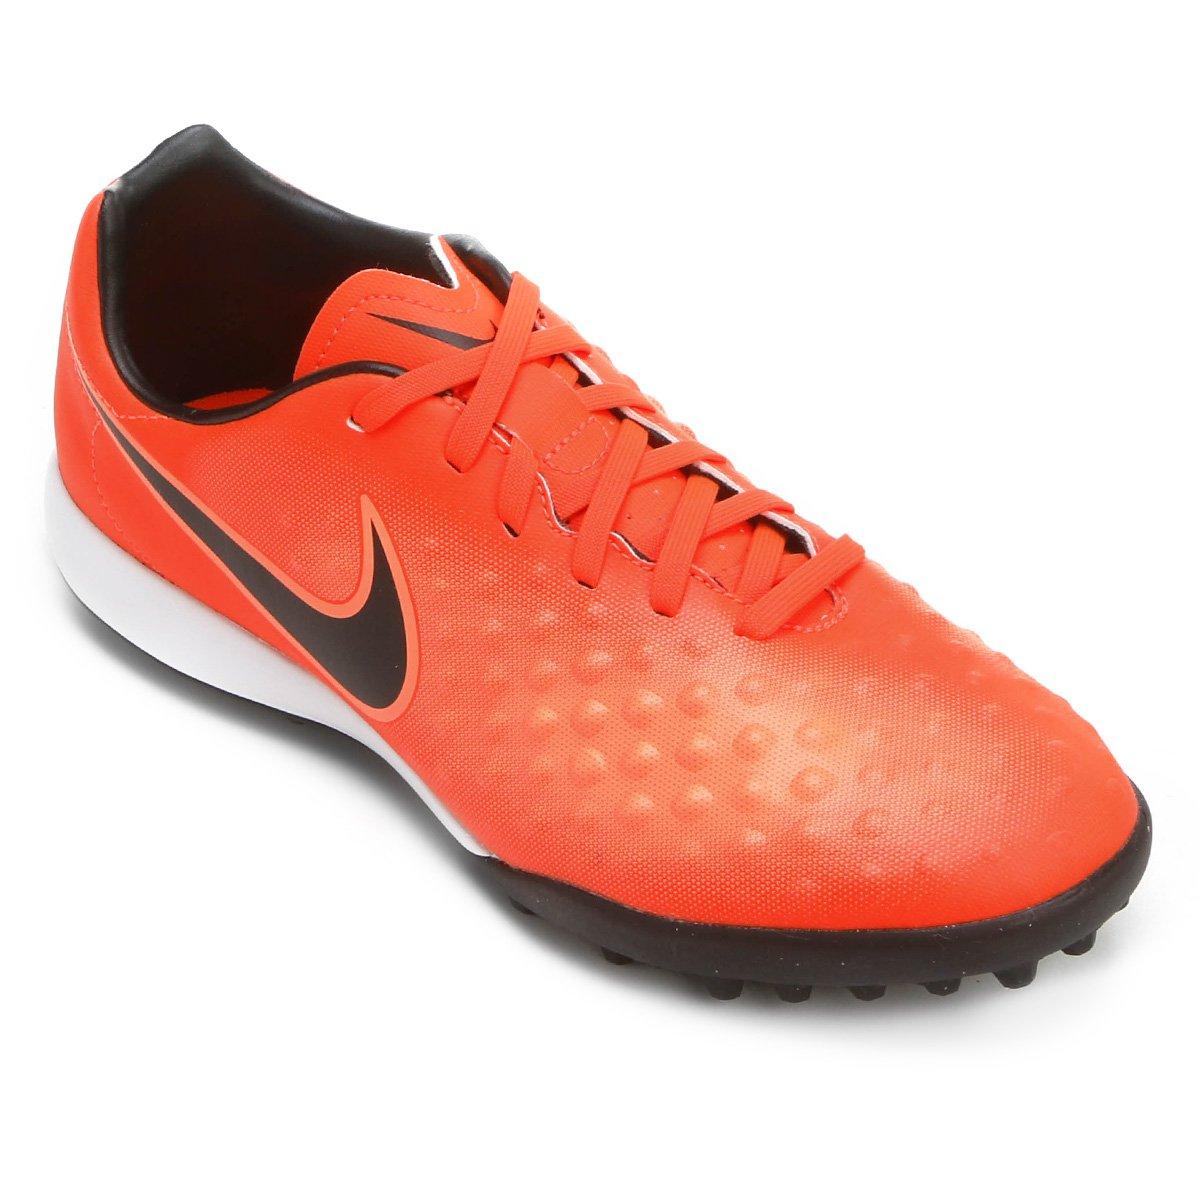 Chuteira Society Nike Magista Onda II TF - Vermelho e Preto - Compre ... 5b0a1d7a6cb33